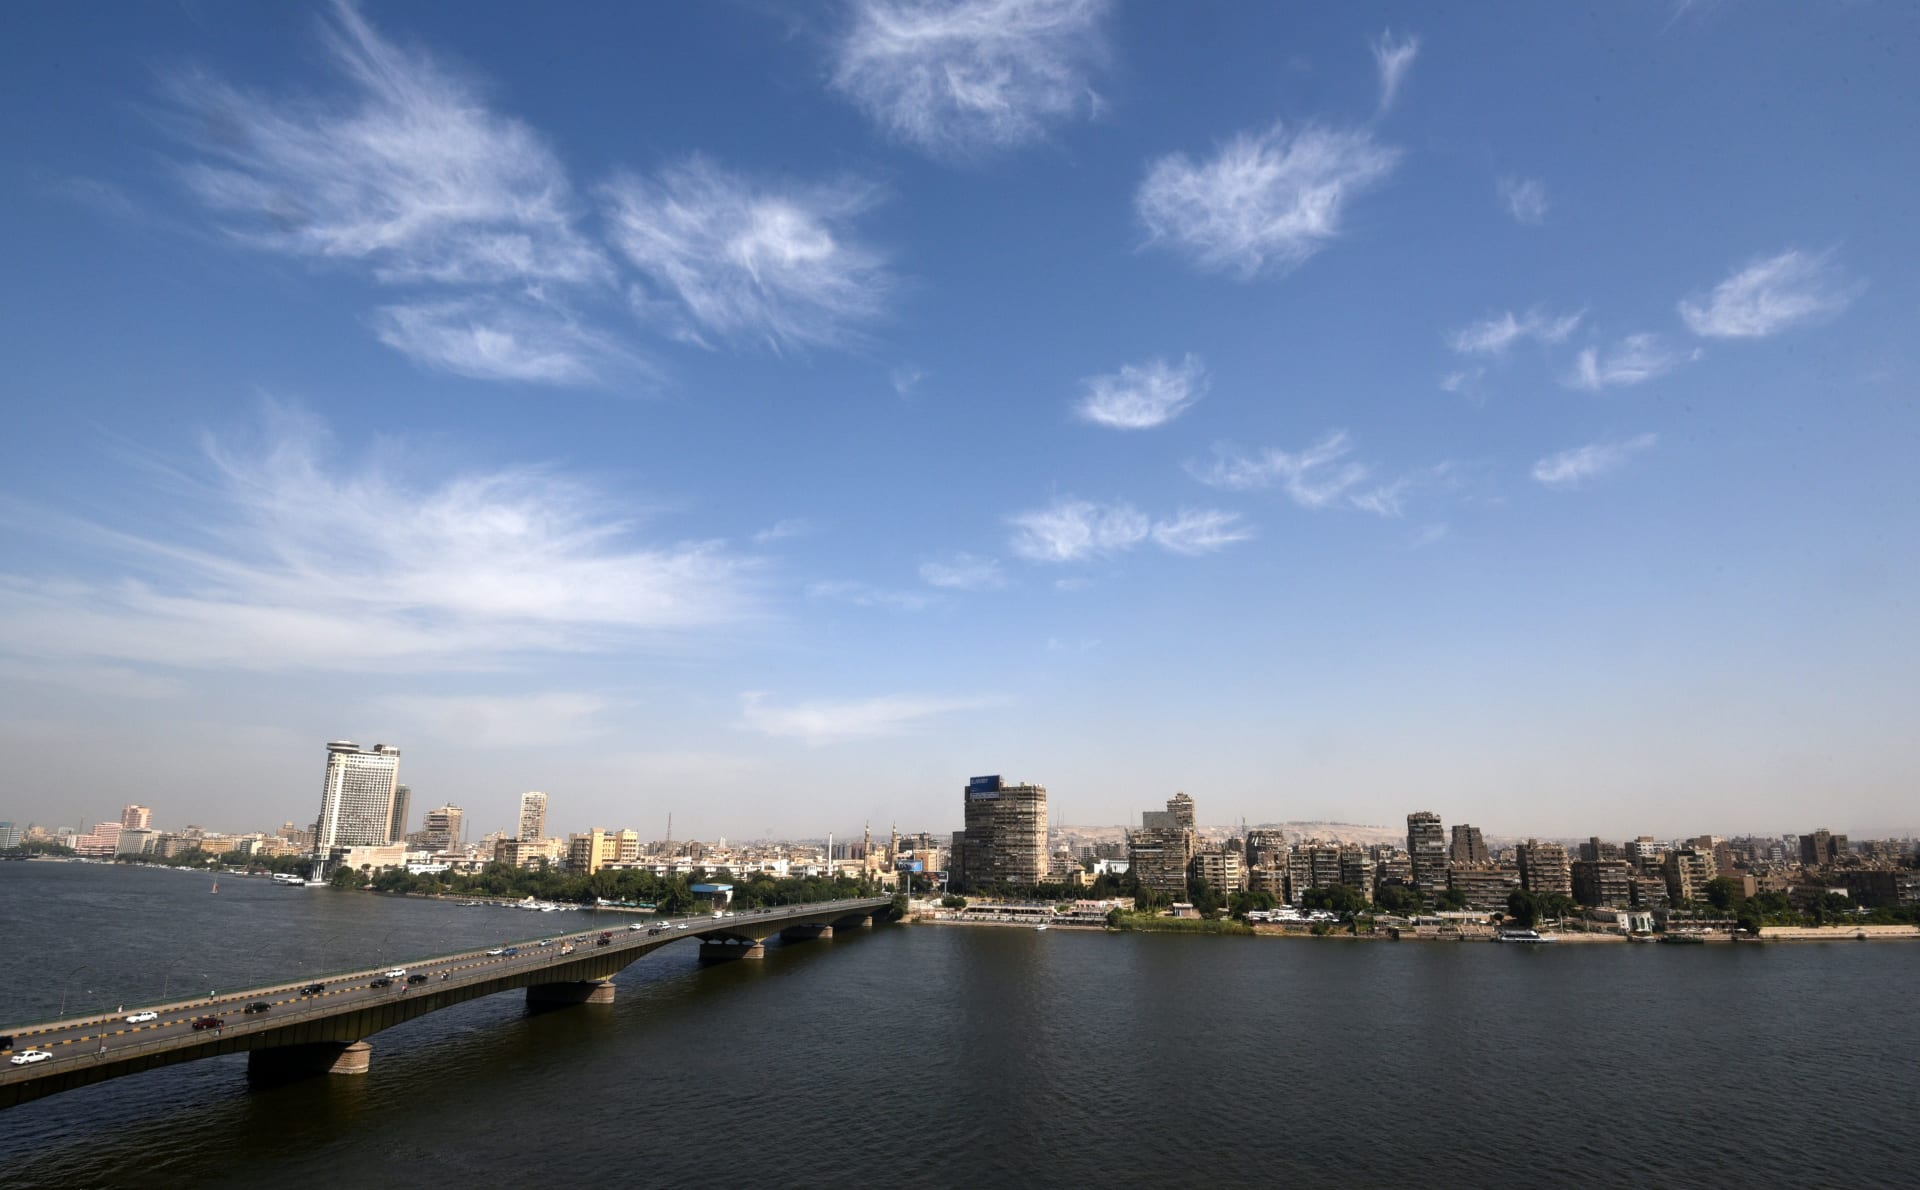 القاهرة بعد تشكيك إيران بدورها: سلامة دول الخليج ركيزة استقرار